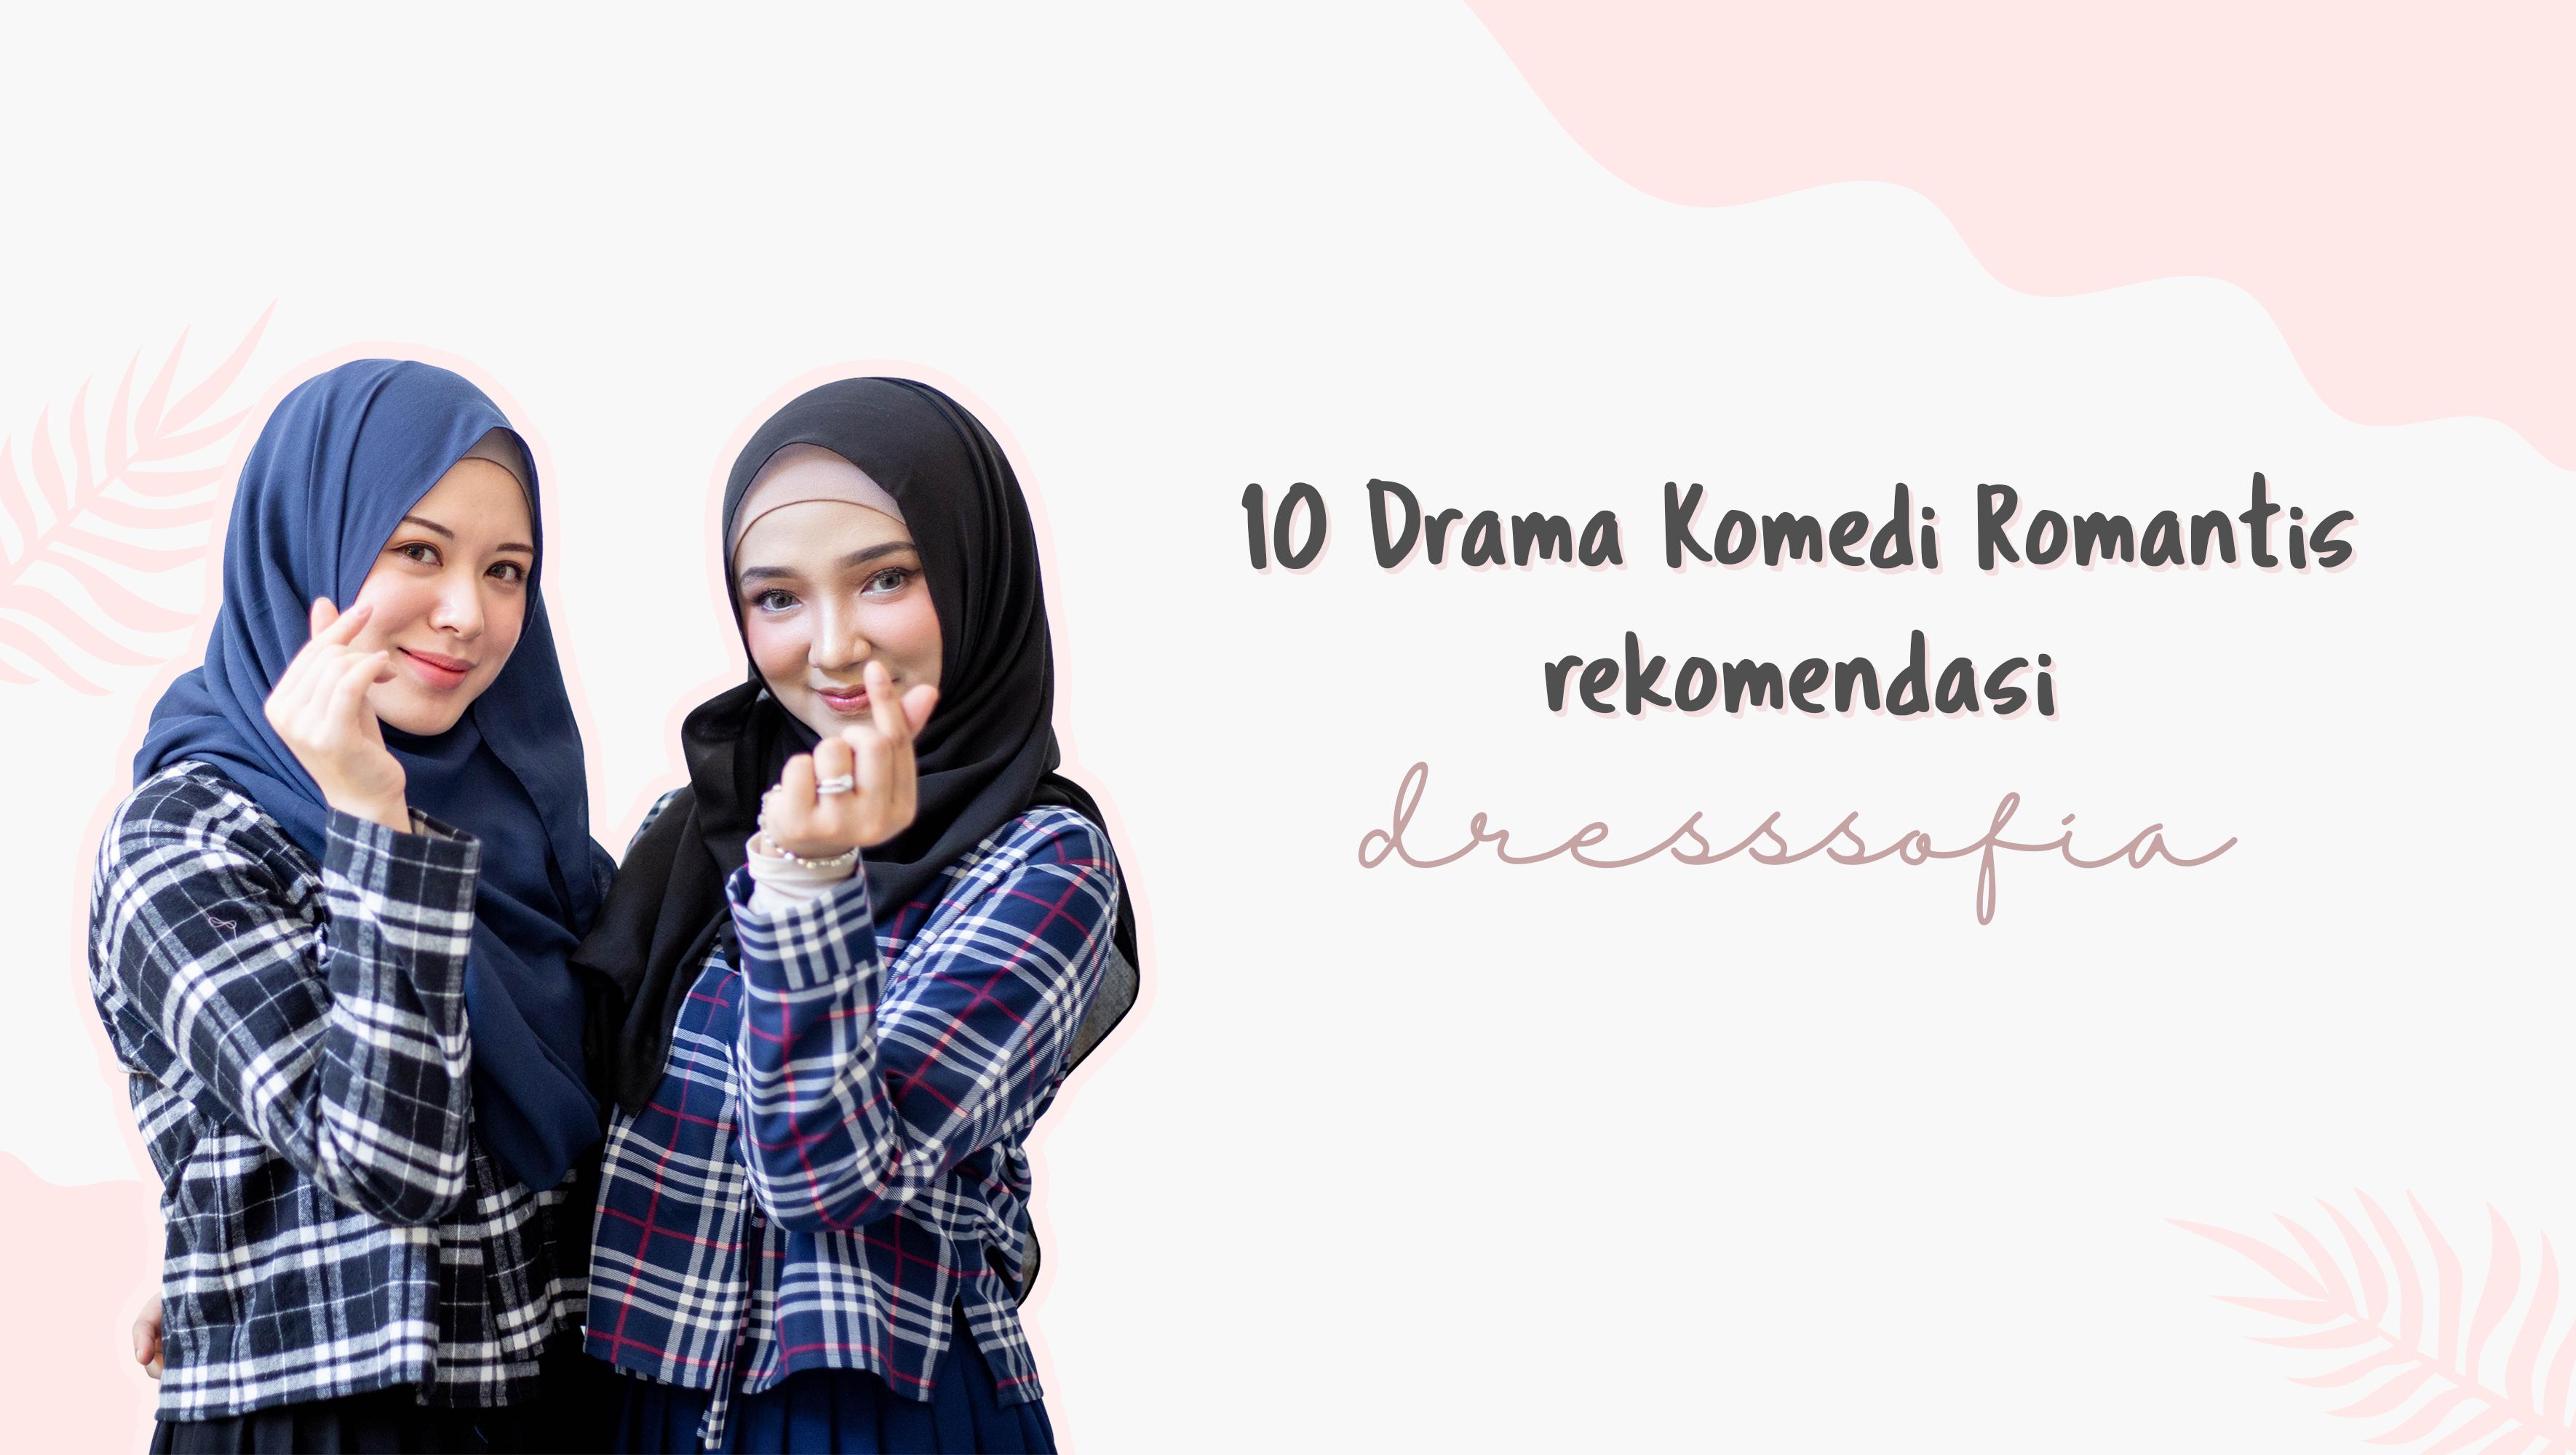 10 Drama Komedi Romantis rekomendasi Dresssofia image